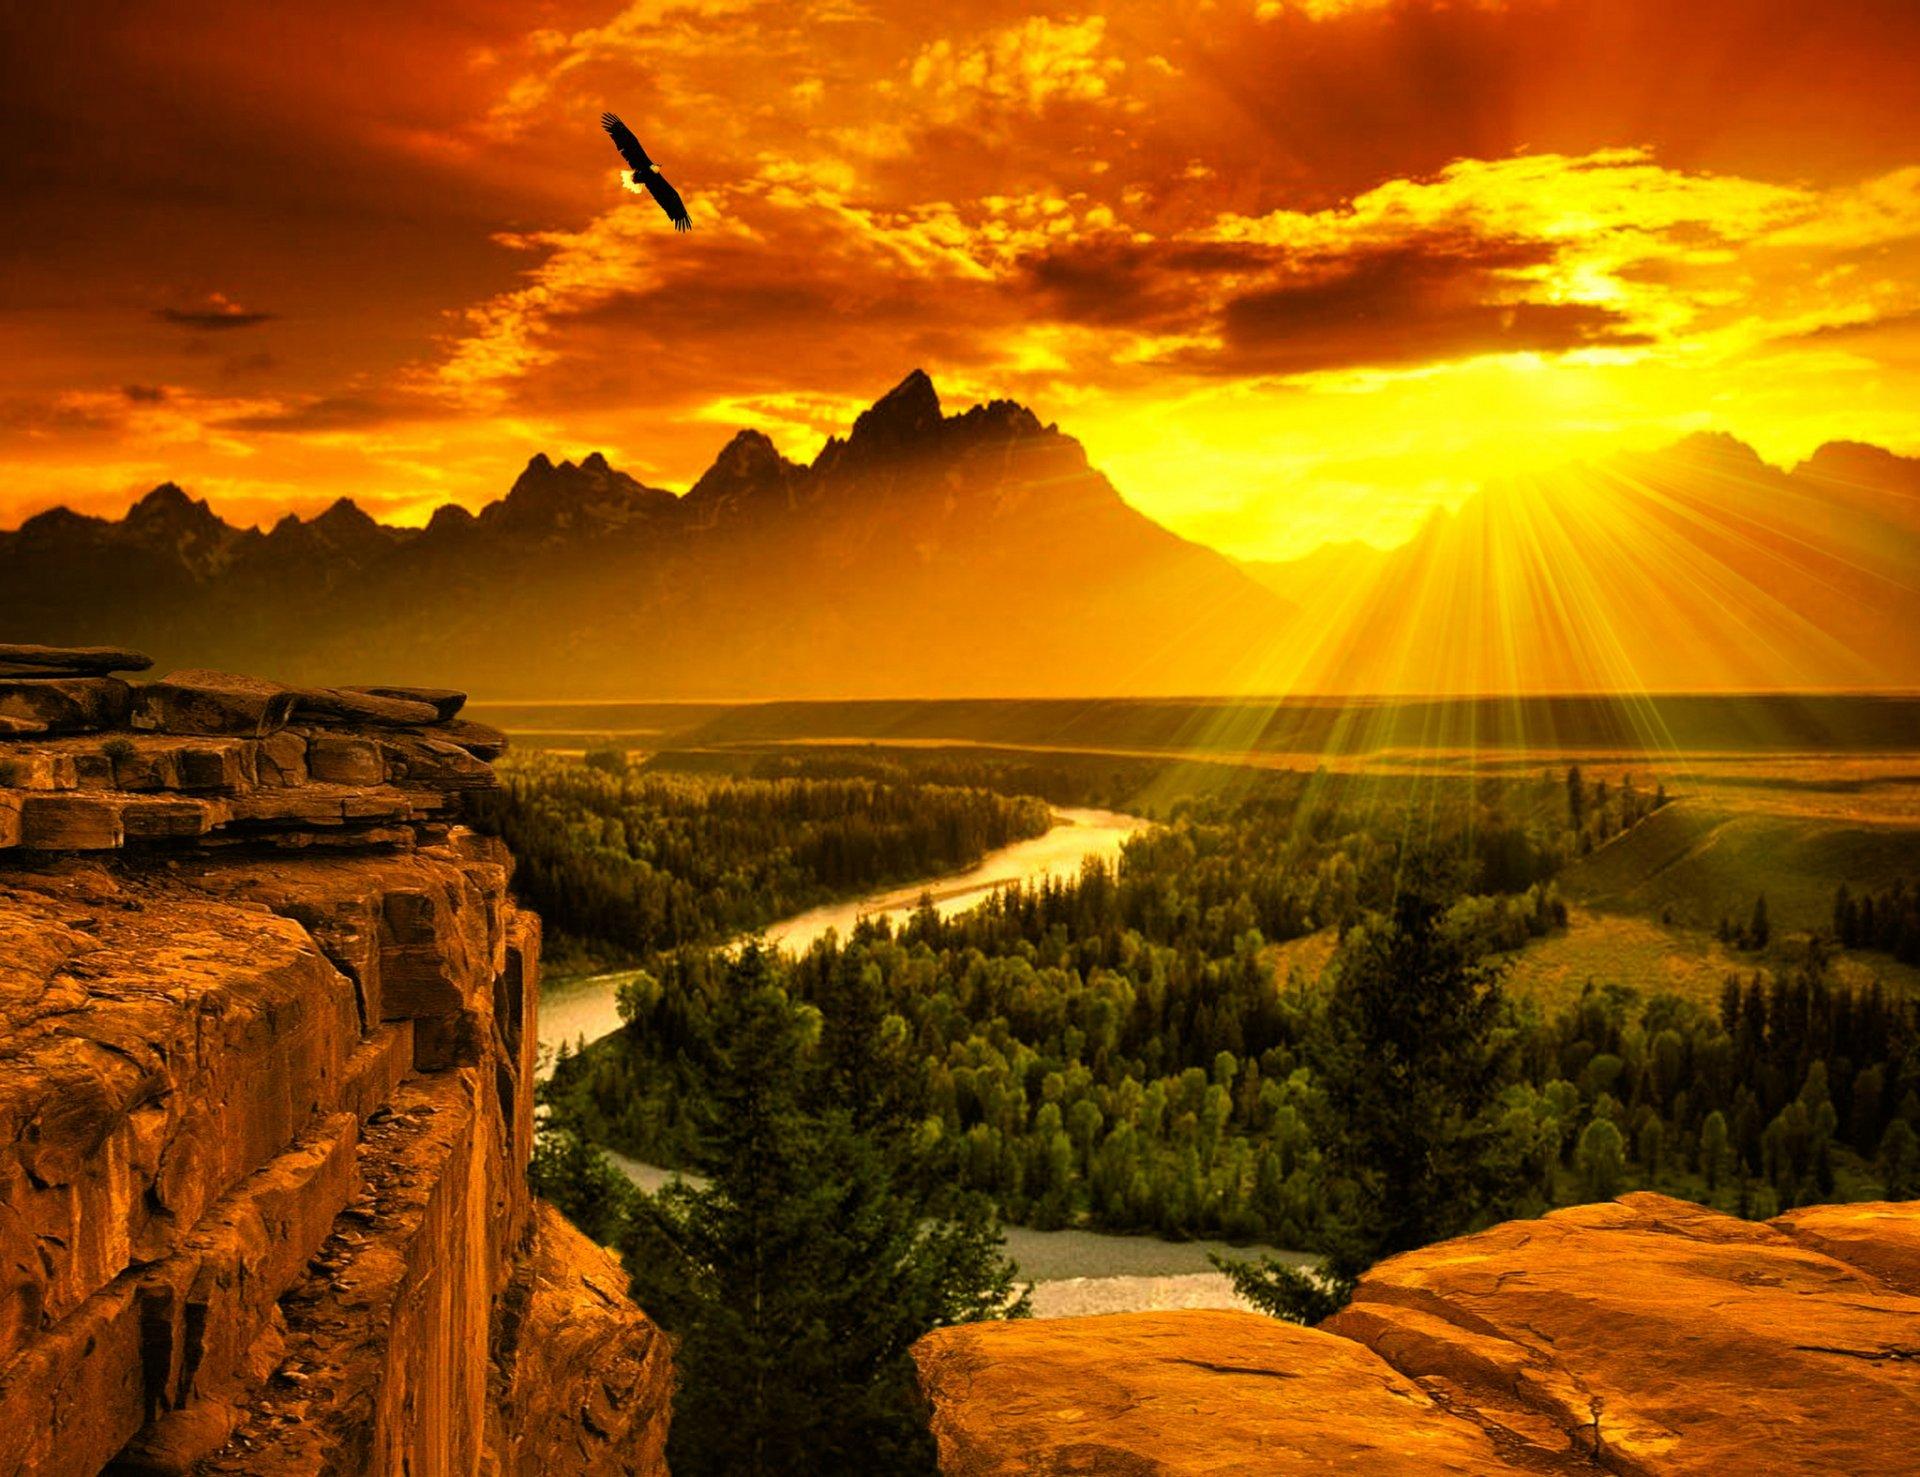 природа облака солнце река  № 2602894 загрузить